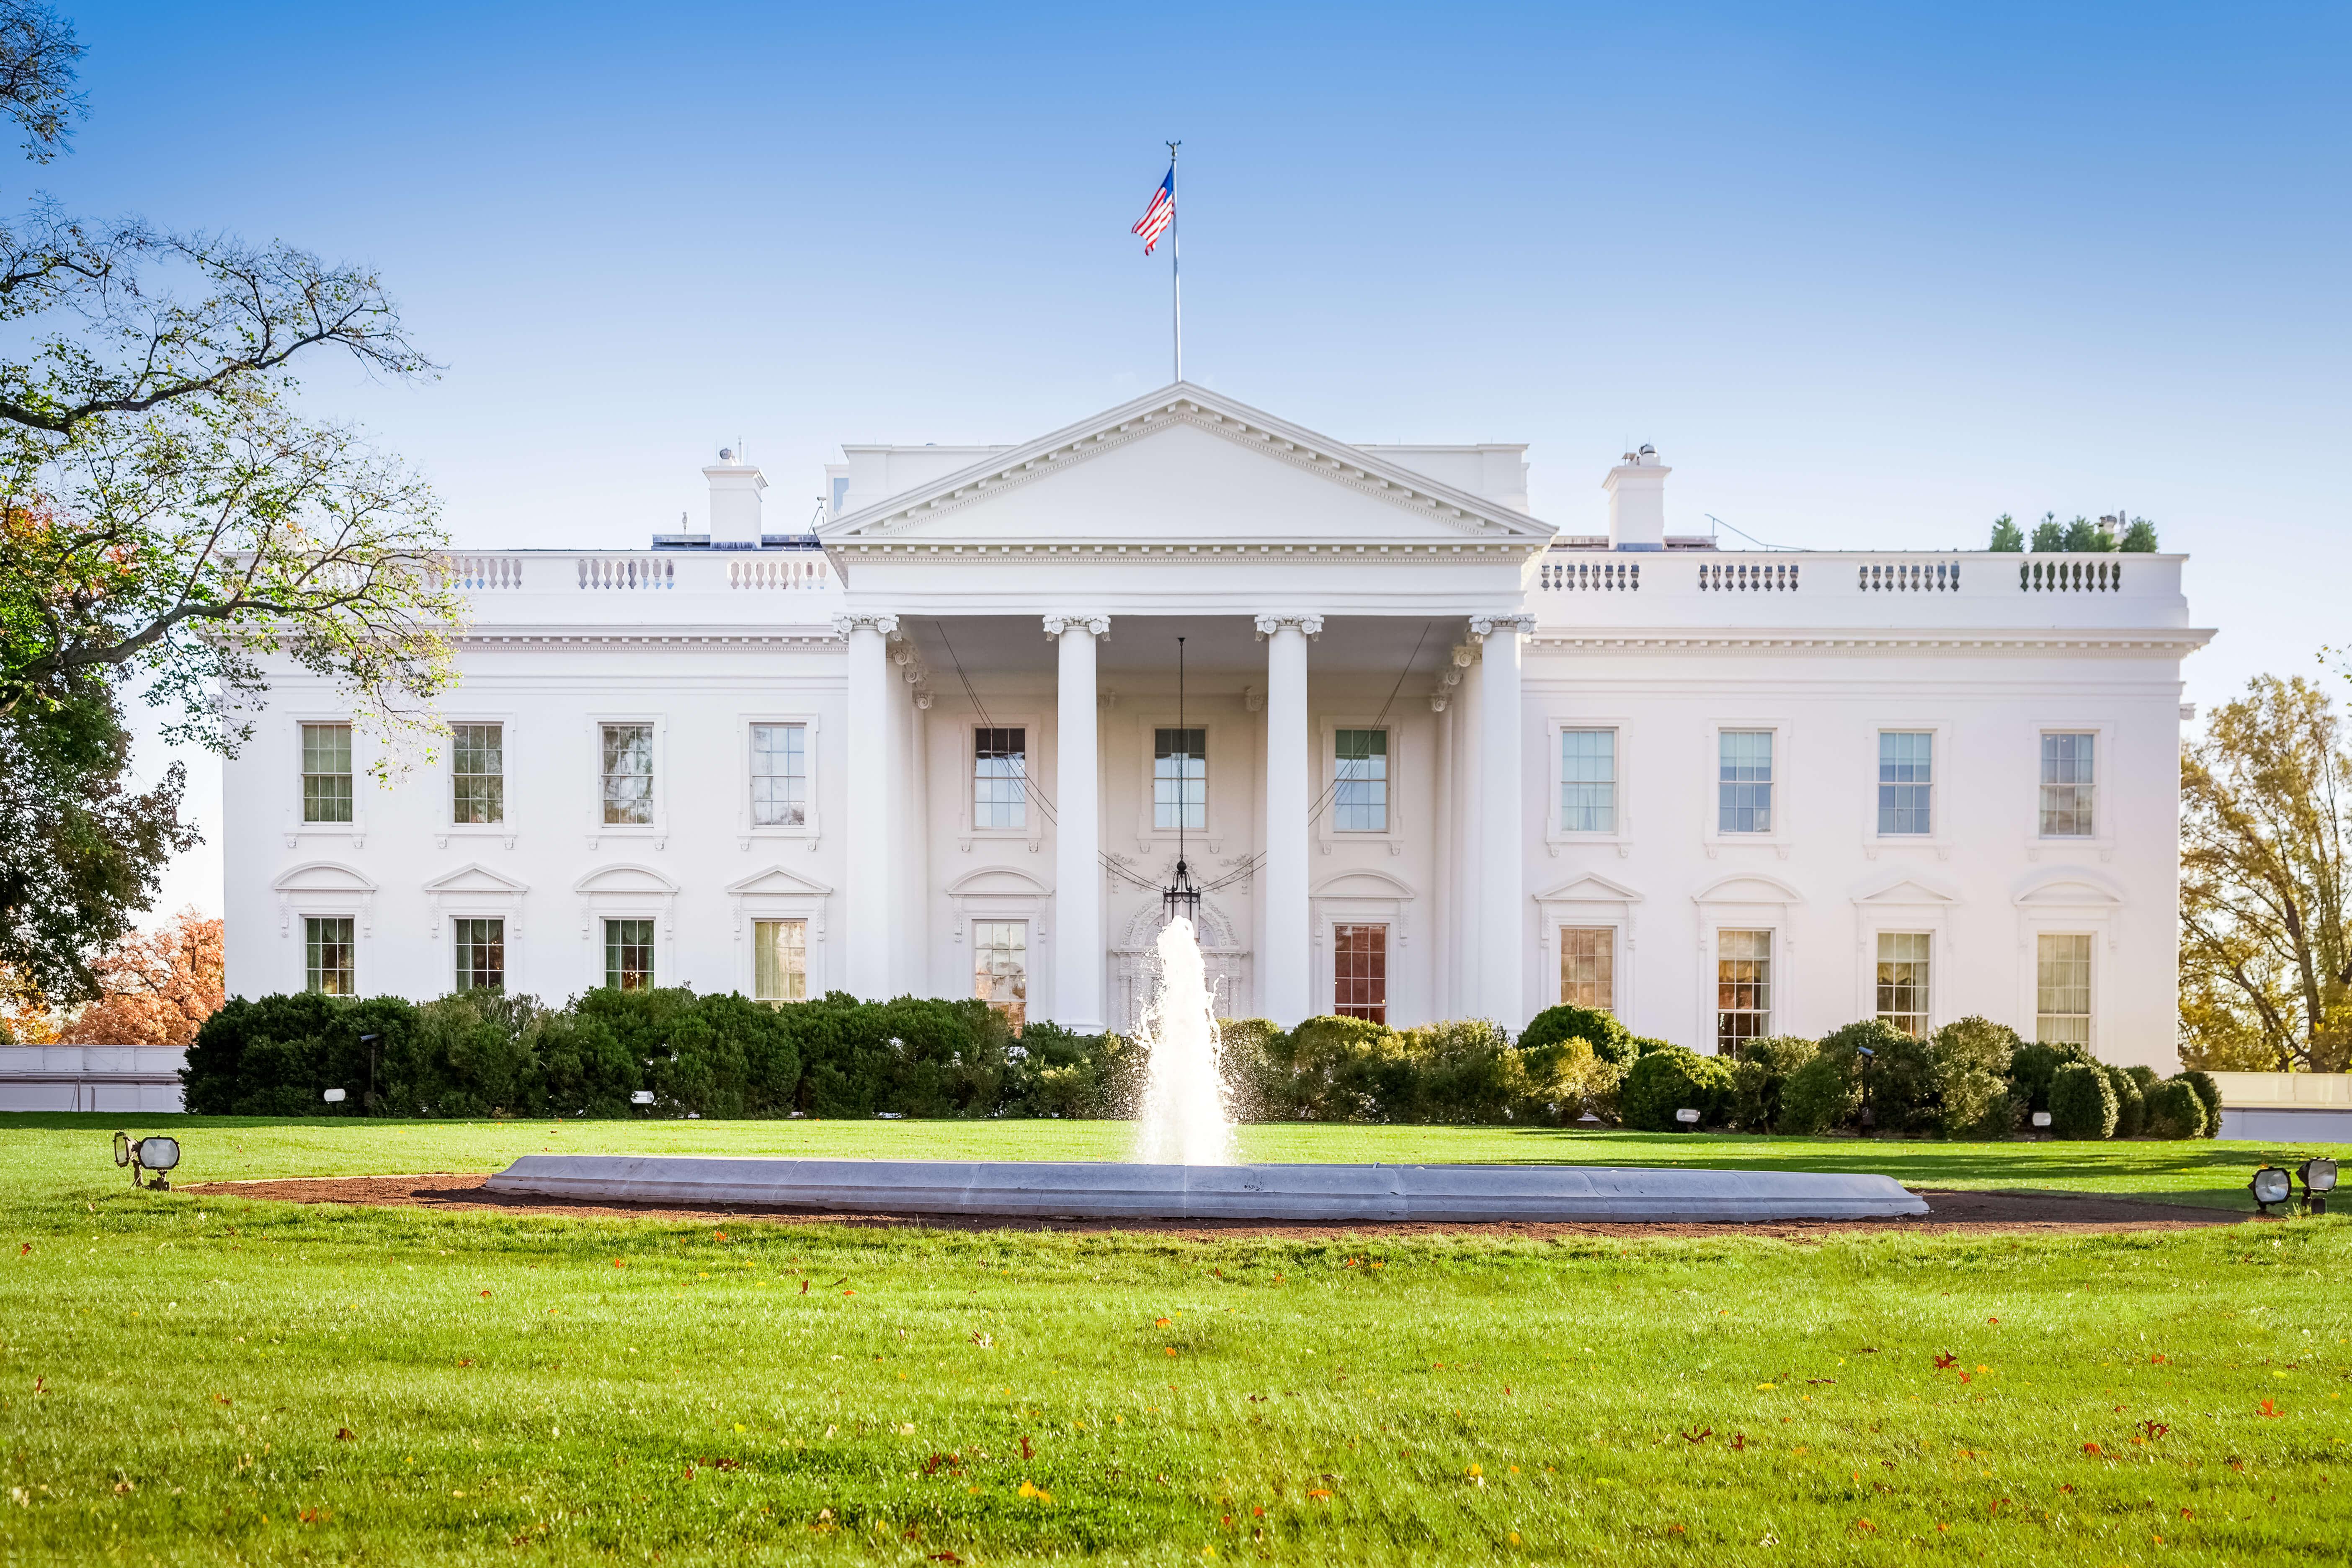 Washington DC, the White House